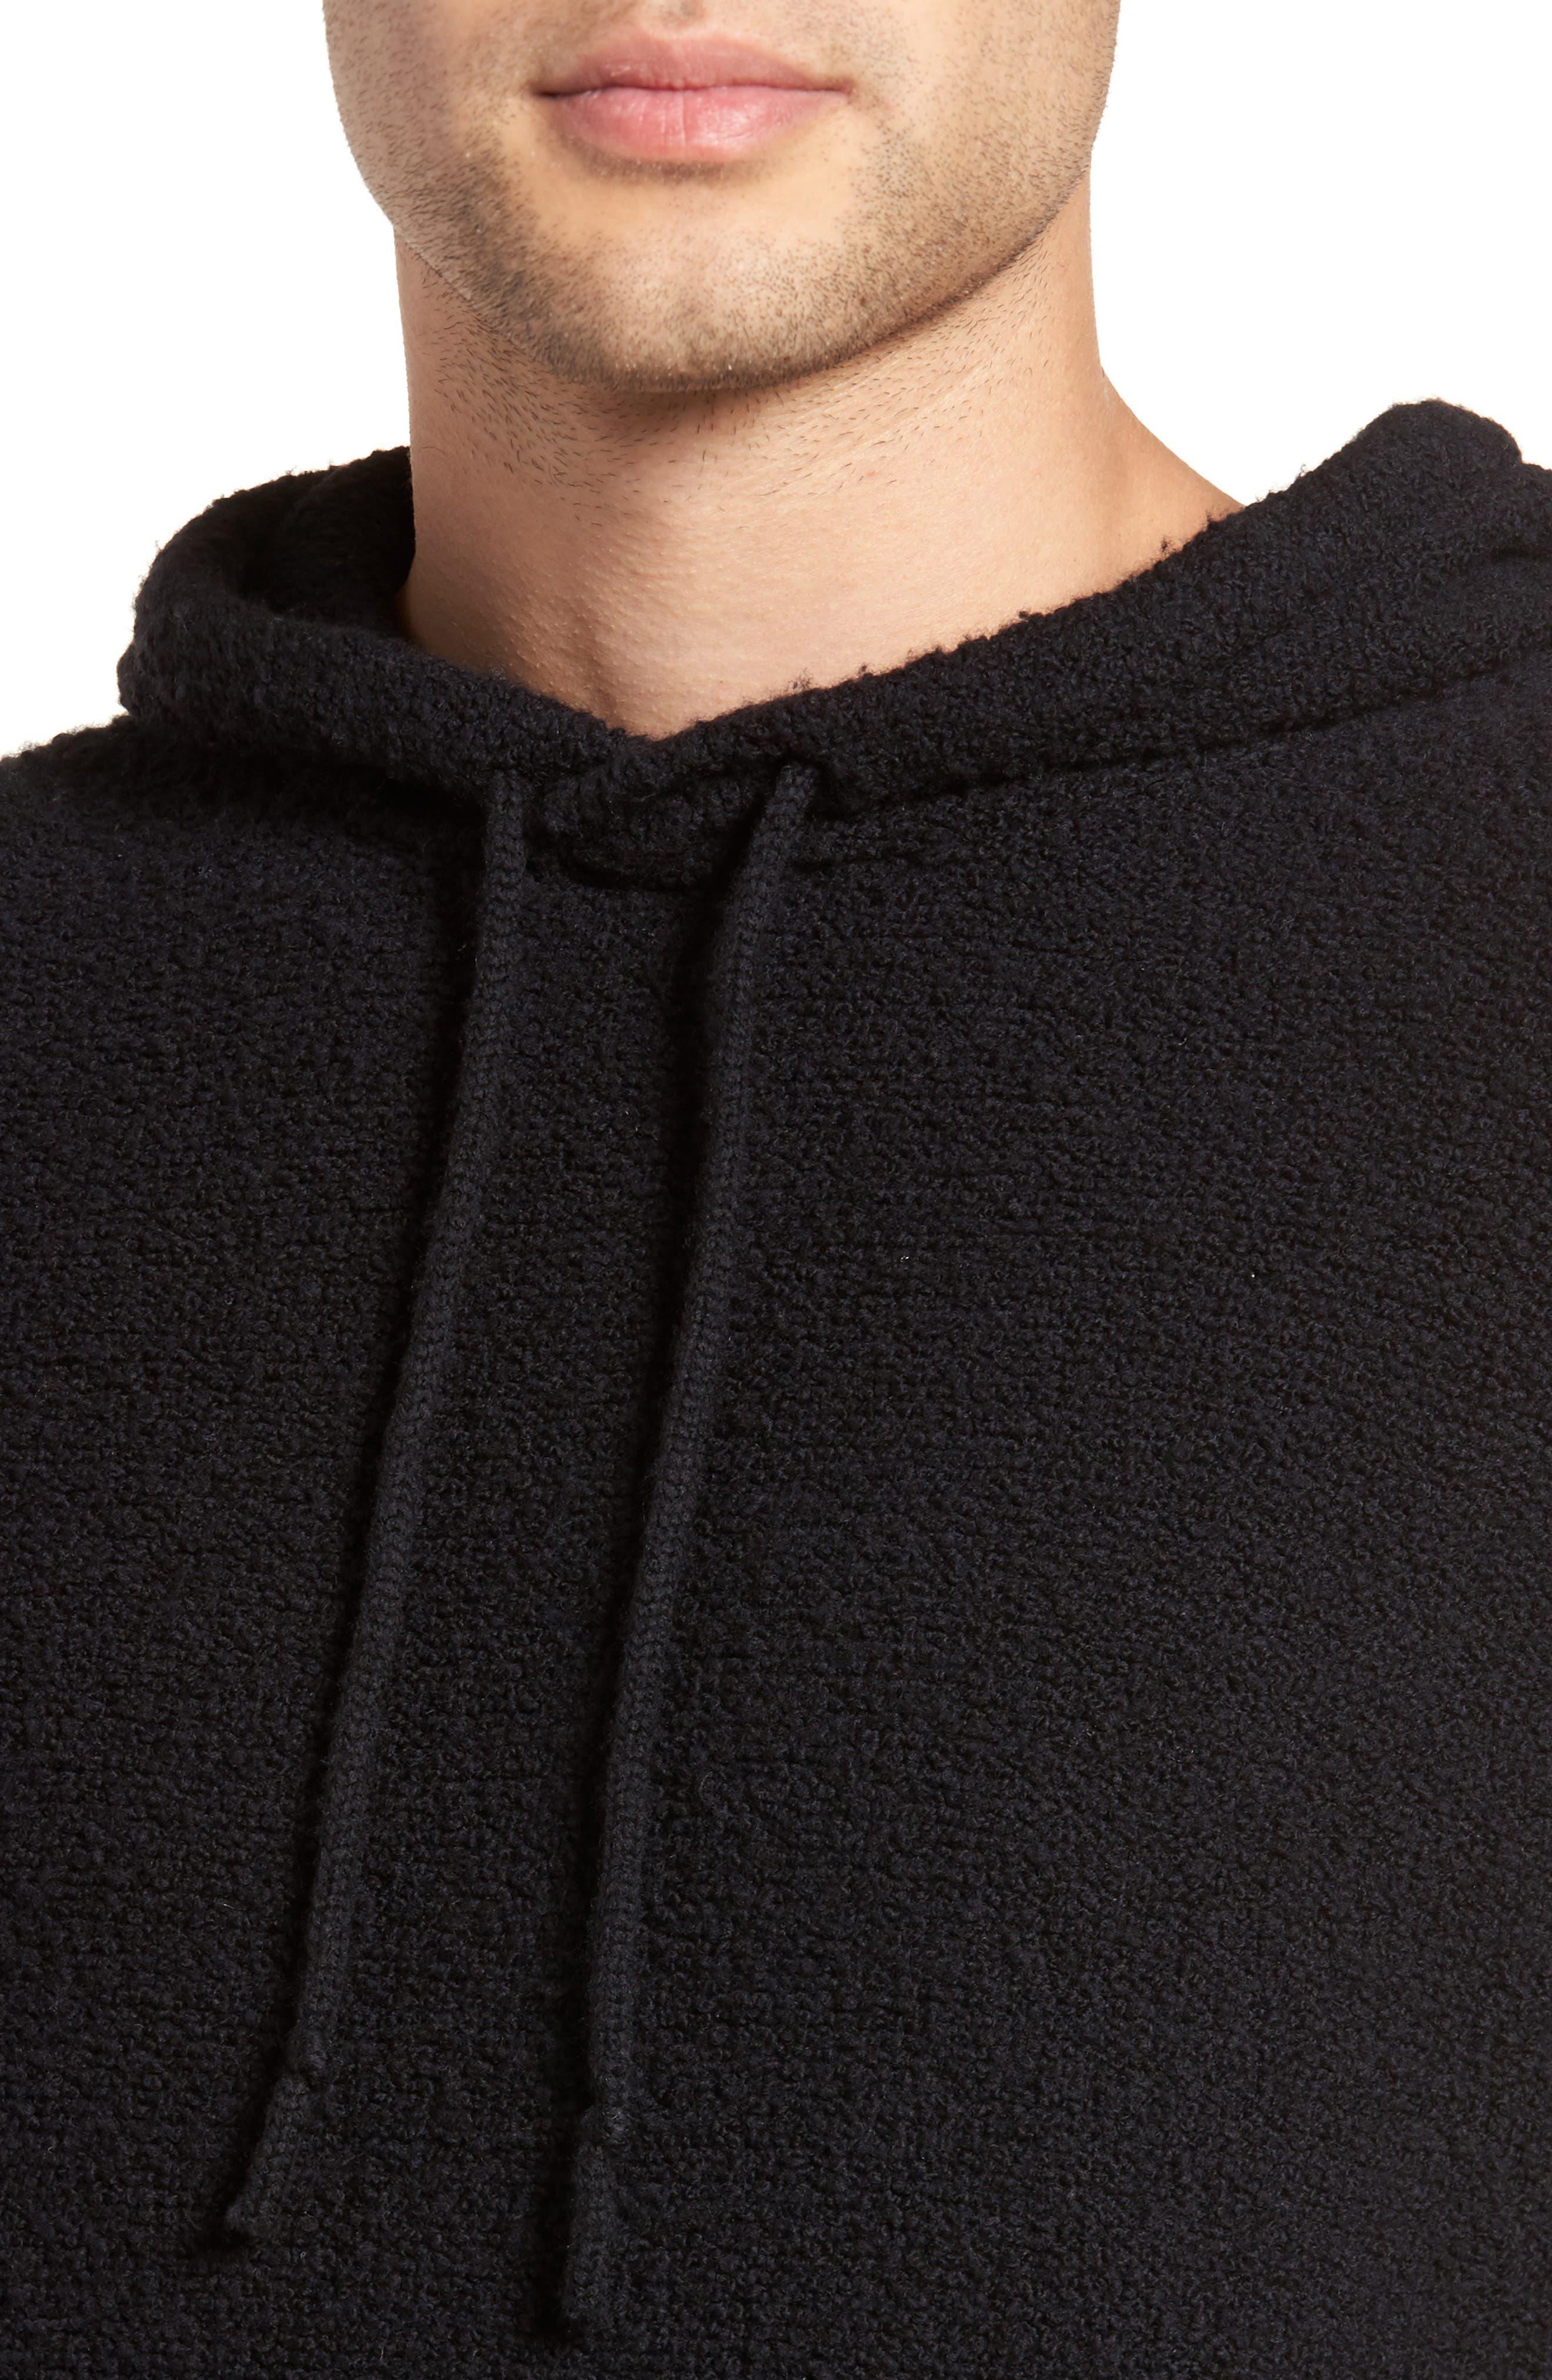 Wool Fleece Pullover Hoodie,                             Alternate thumbnail 4, color,                             Black